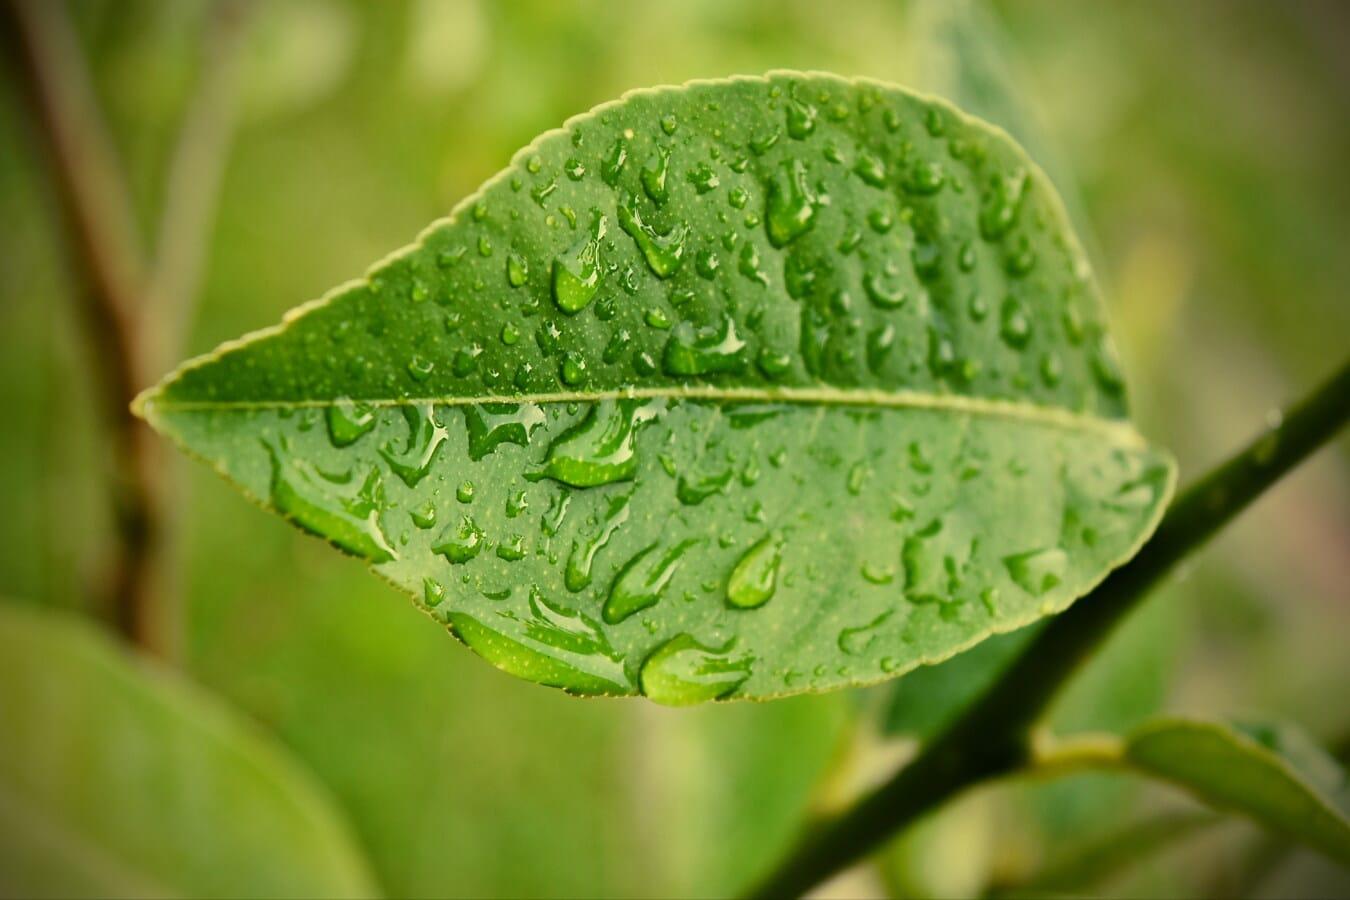 grünes Blatt, nass, Regentropfen, Natur, Frühling, Zweig, Feuchtigkeit, Flora, Blatt, Anlage